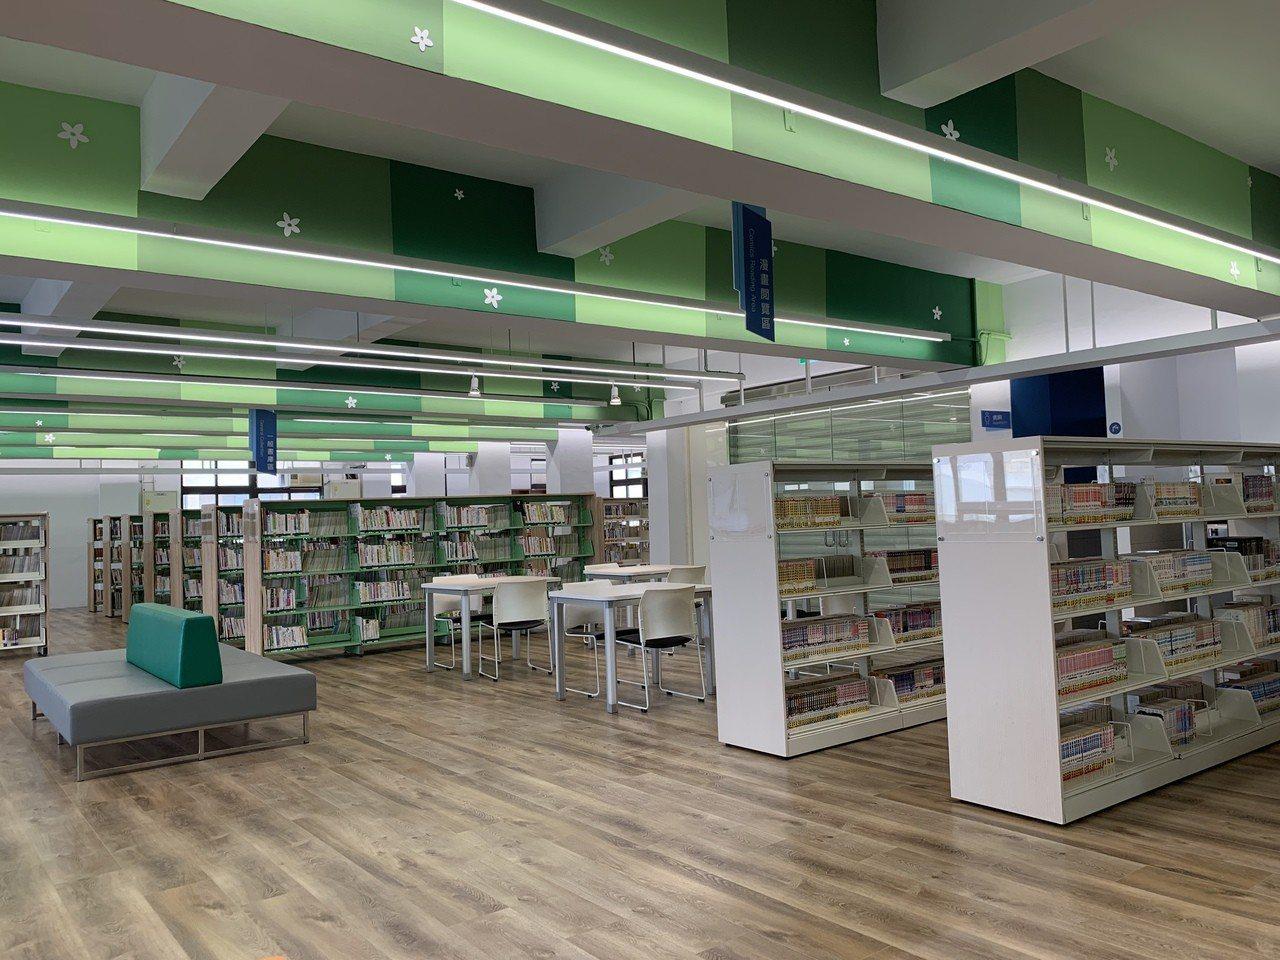 台南市麻豆區圖書館書架區將櫃子從六層改為四層,空間通亮也方便取書。記者吳淑玲/攝...